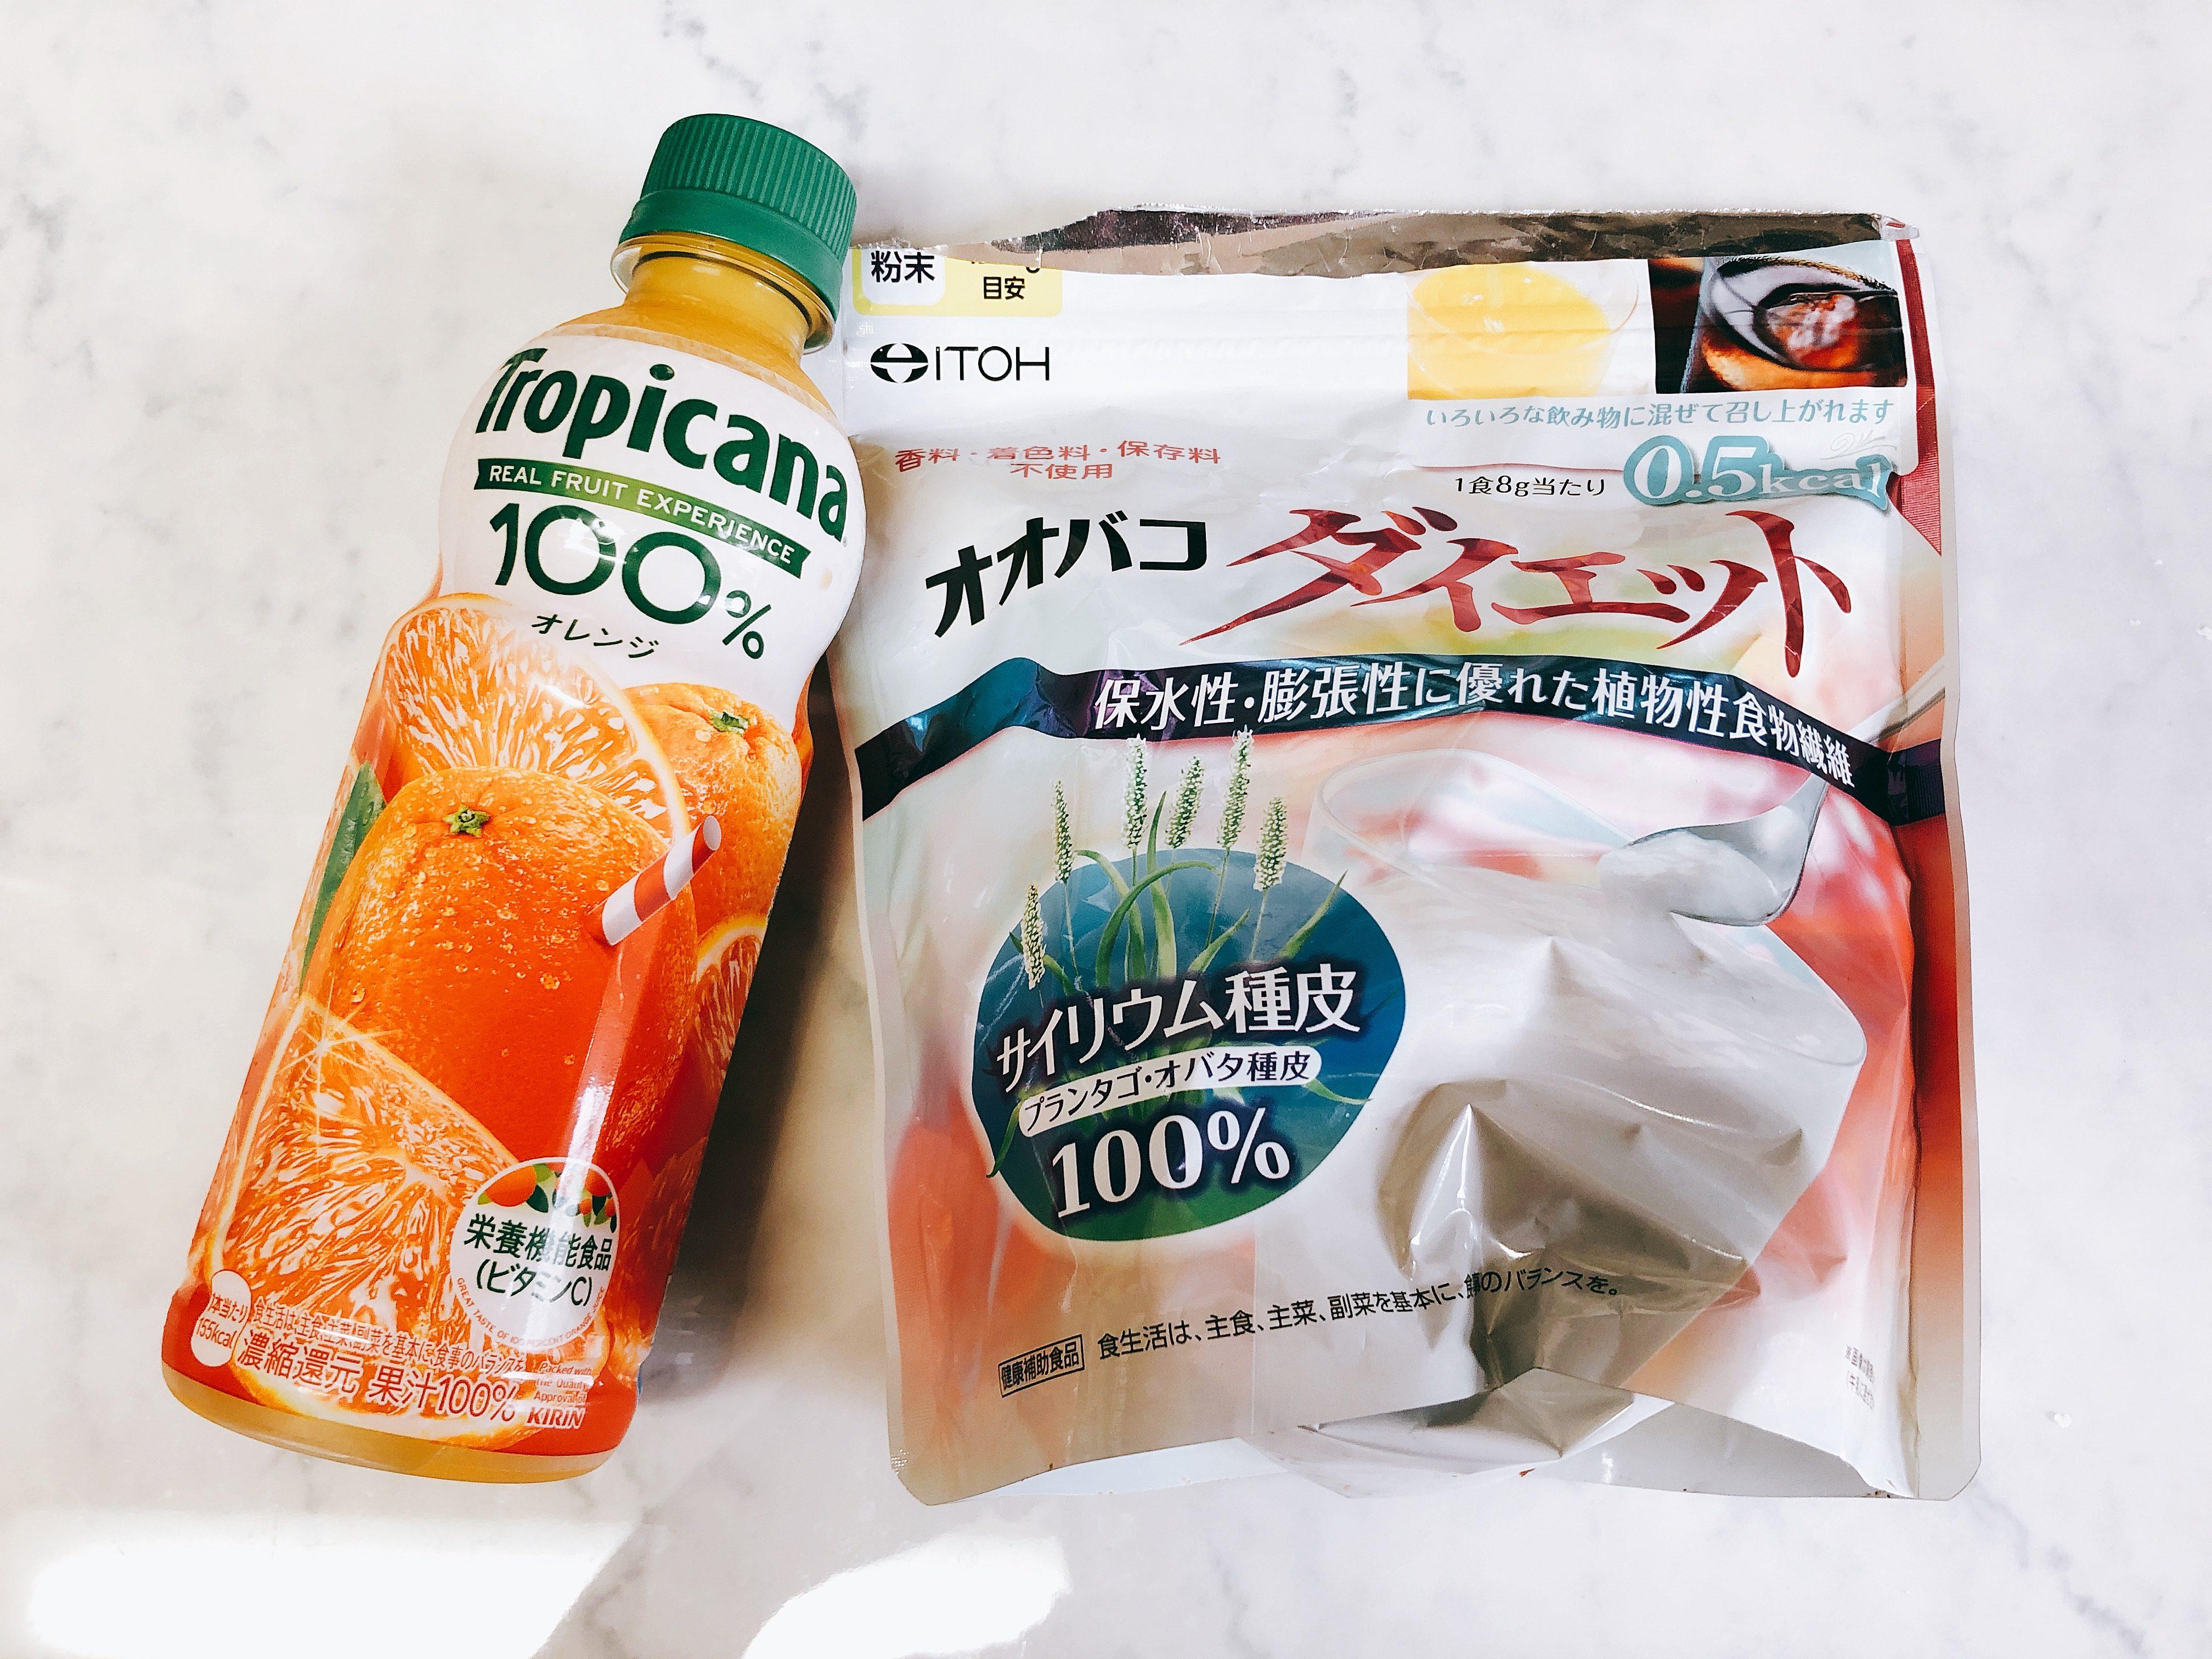 【オオバコダイエット】オレンジジュースと混ぜてみました!気になるそのお味は?【アレンジレシピ】